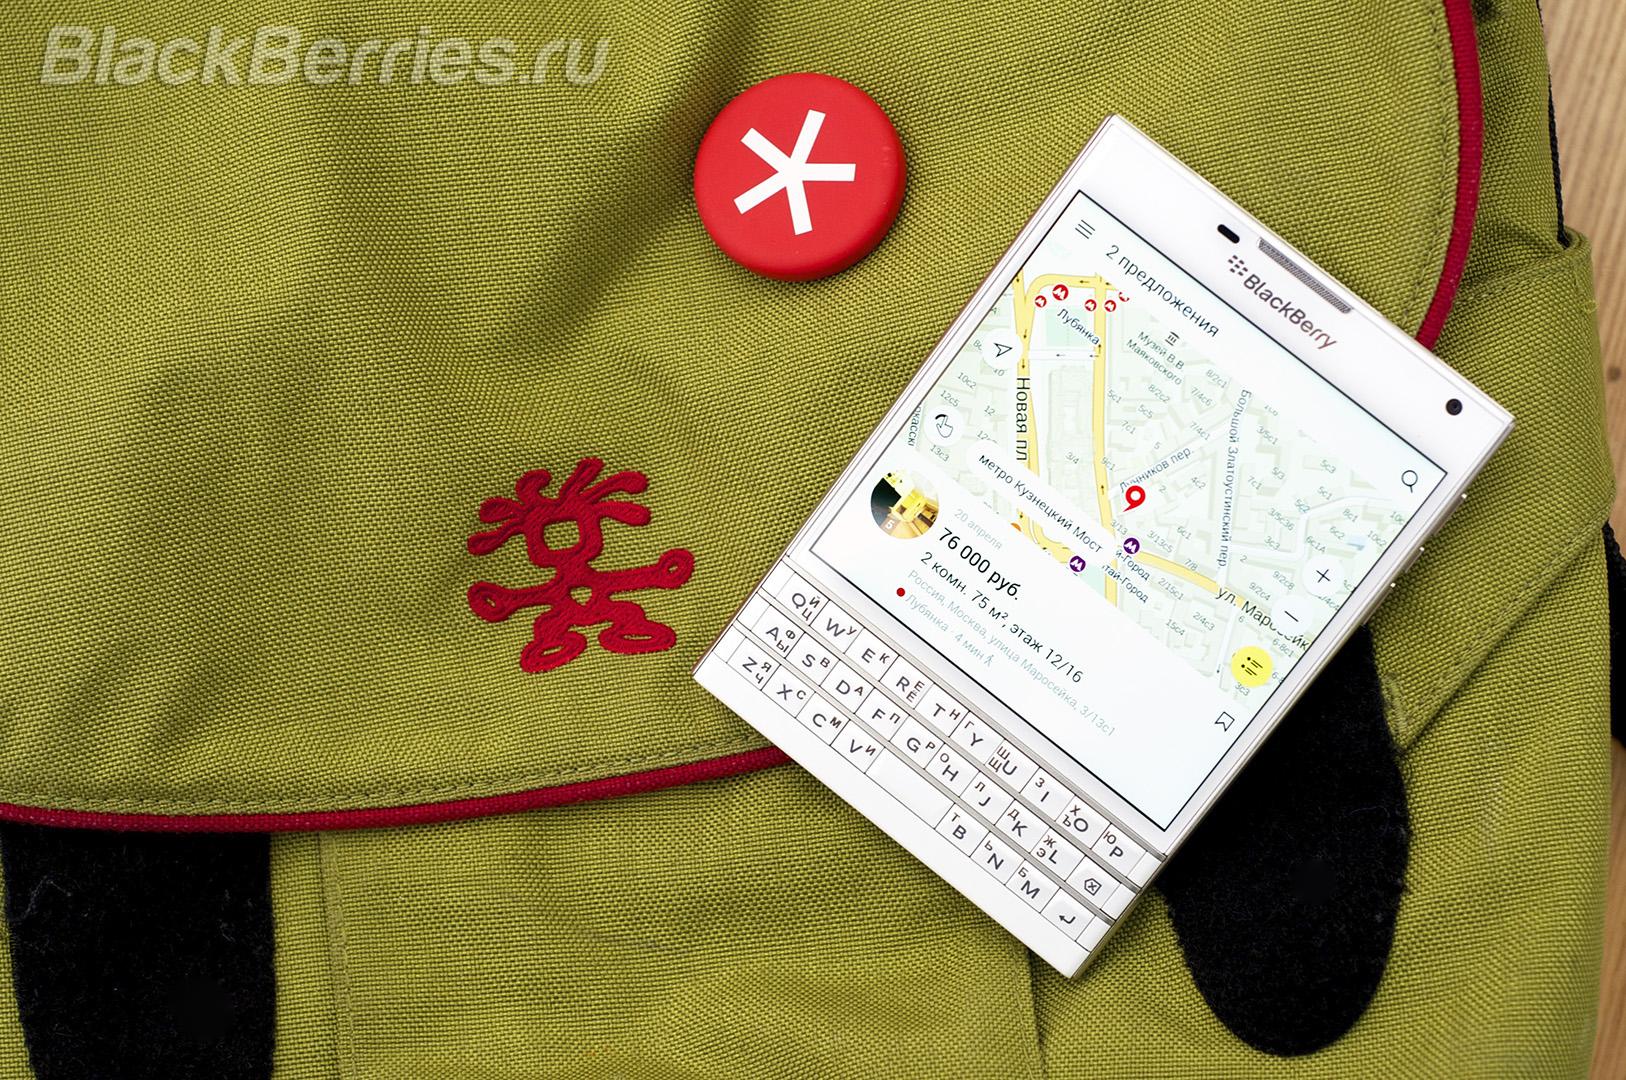 BlackBerry-Apps-12-09-14